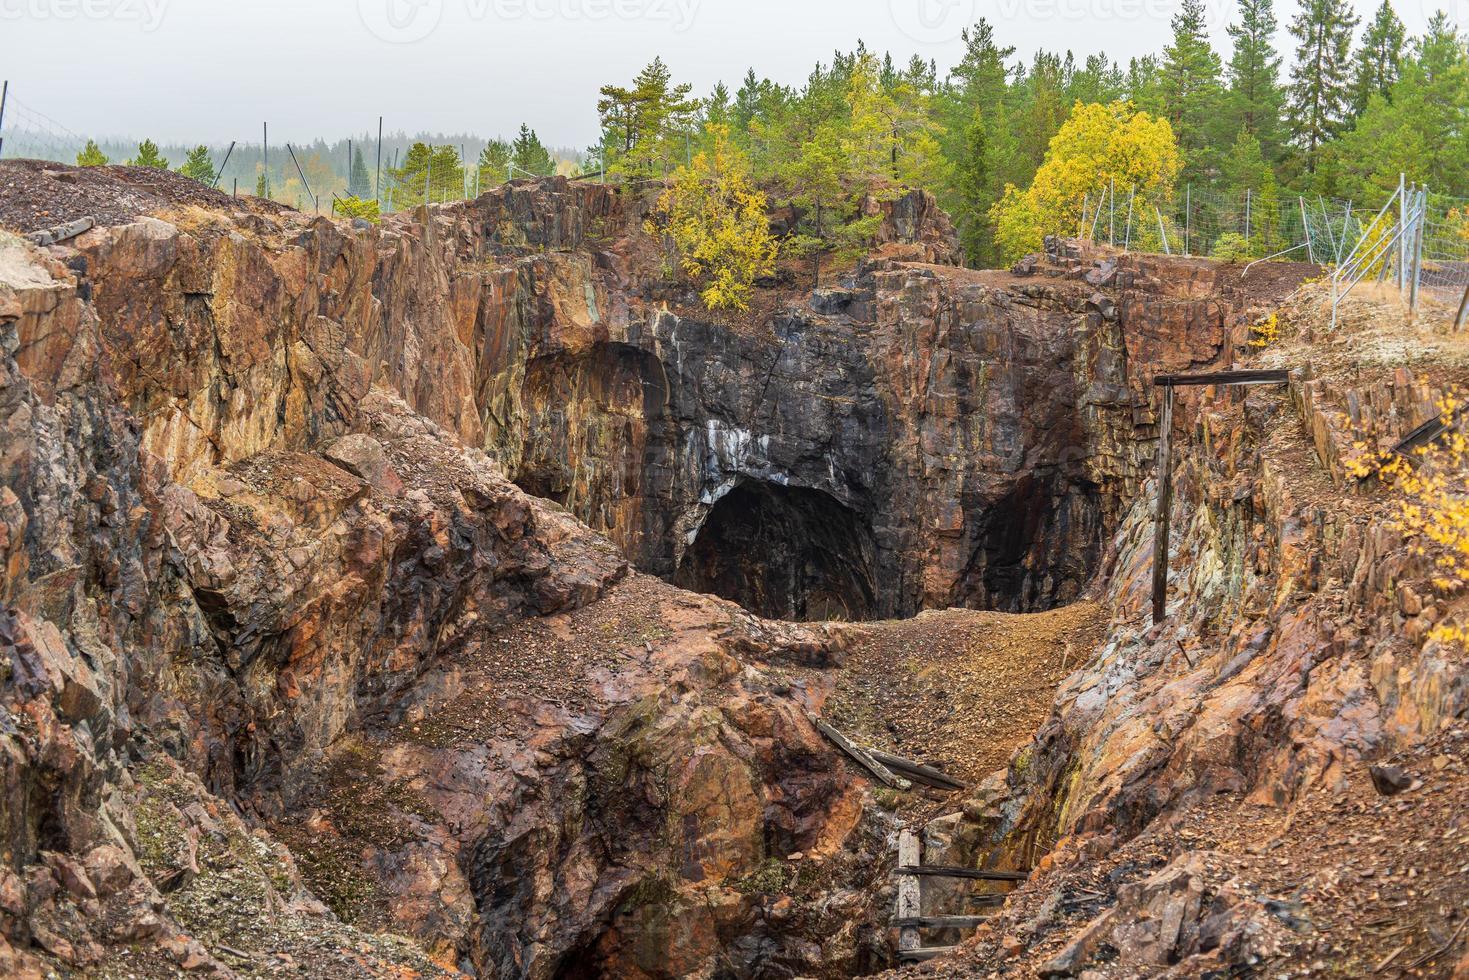 vecchia miniera a cielo aperto chiusa in Svezia foto